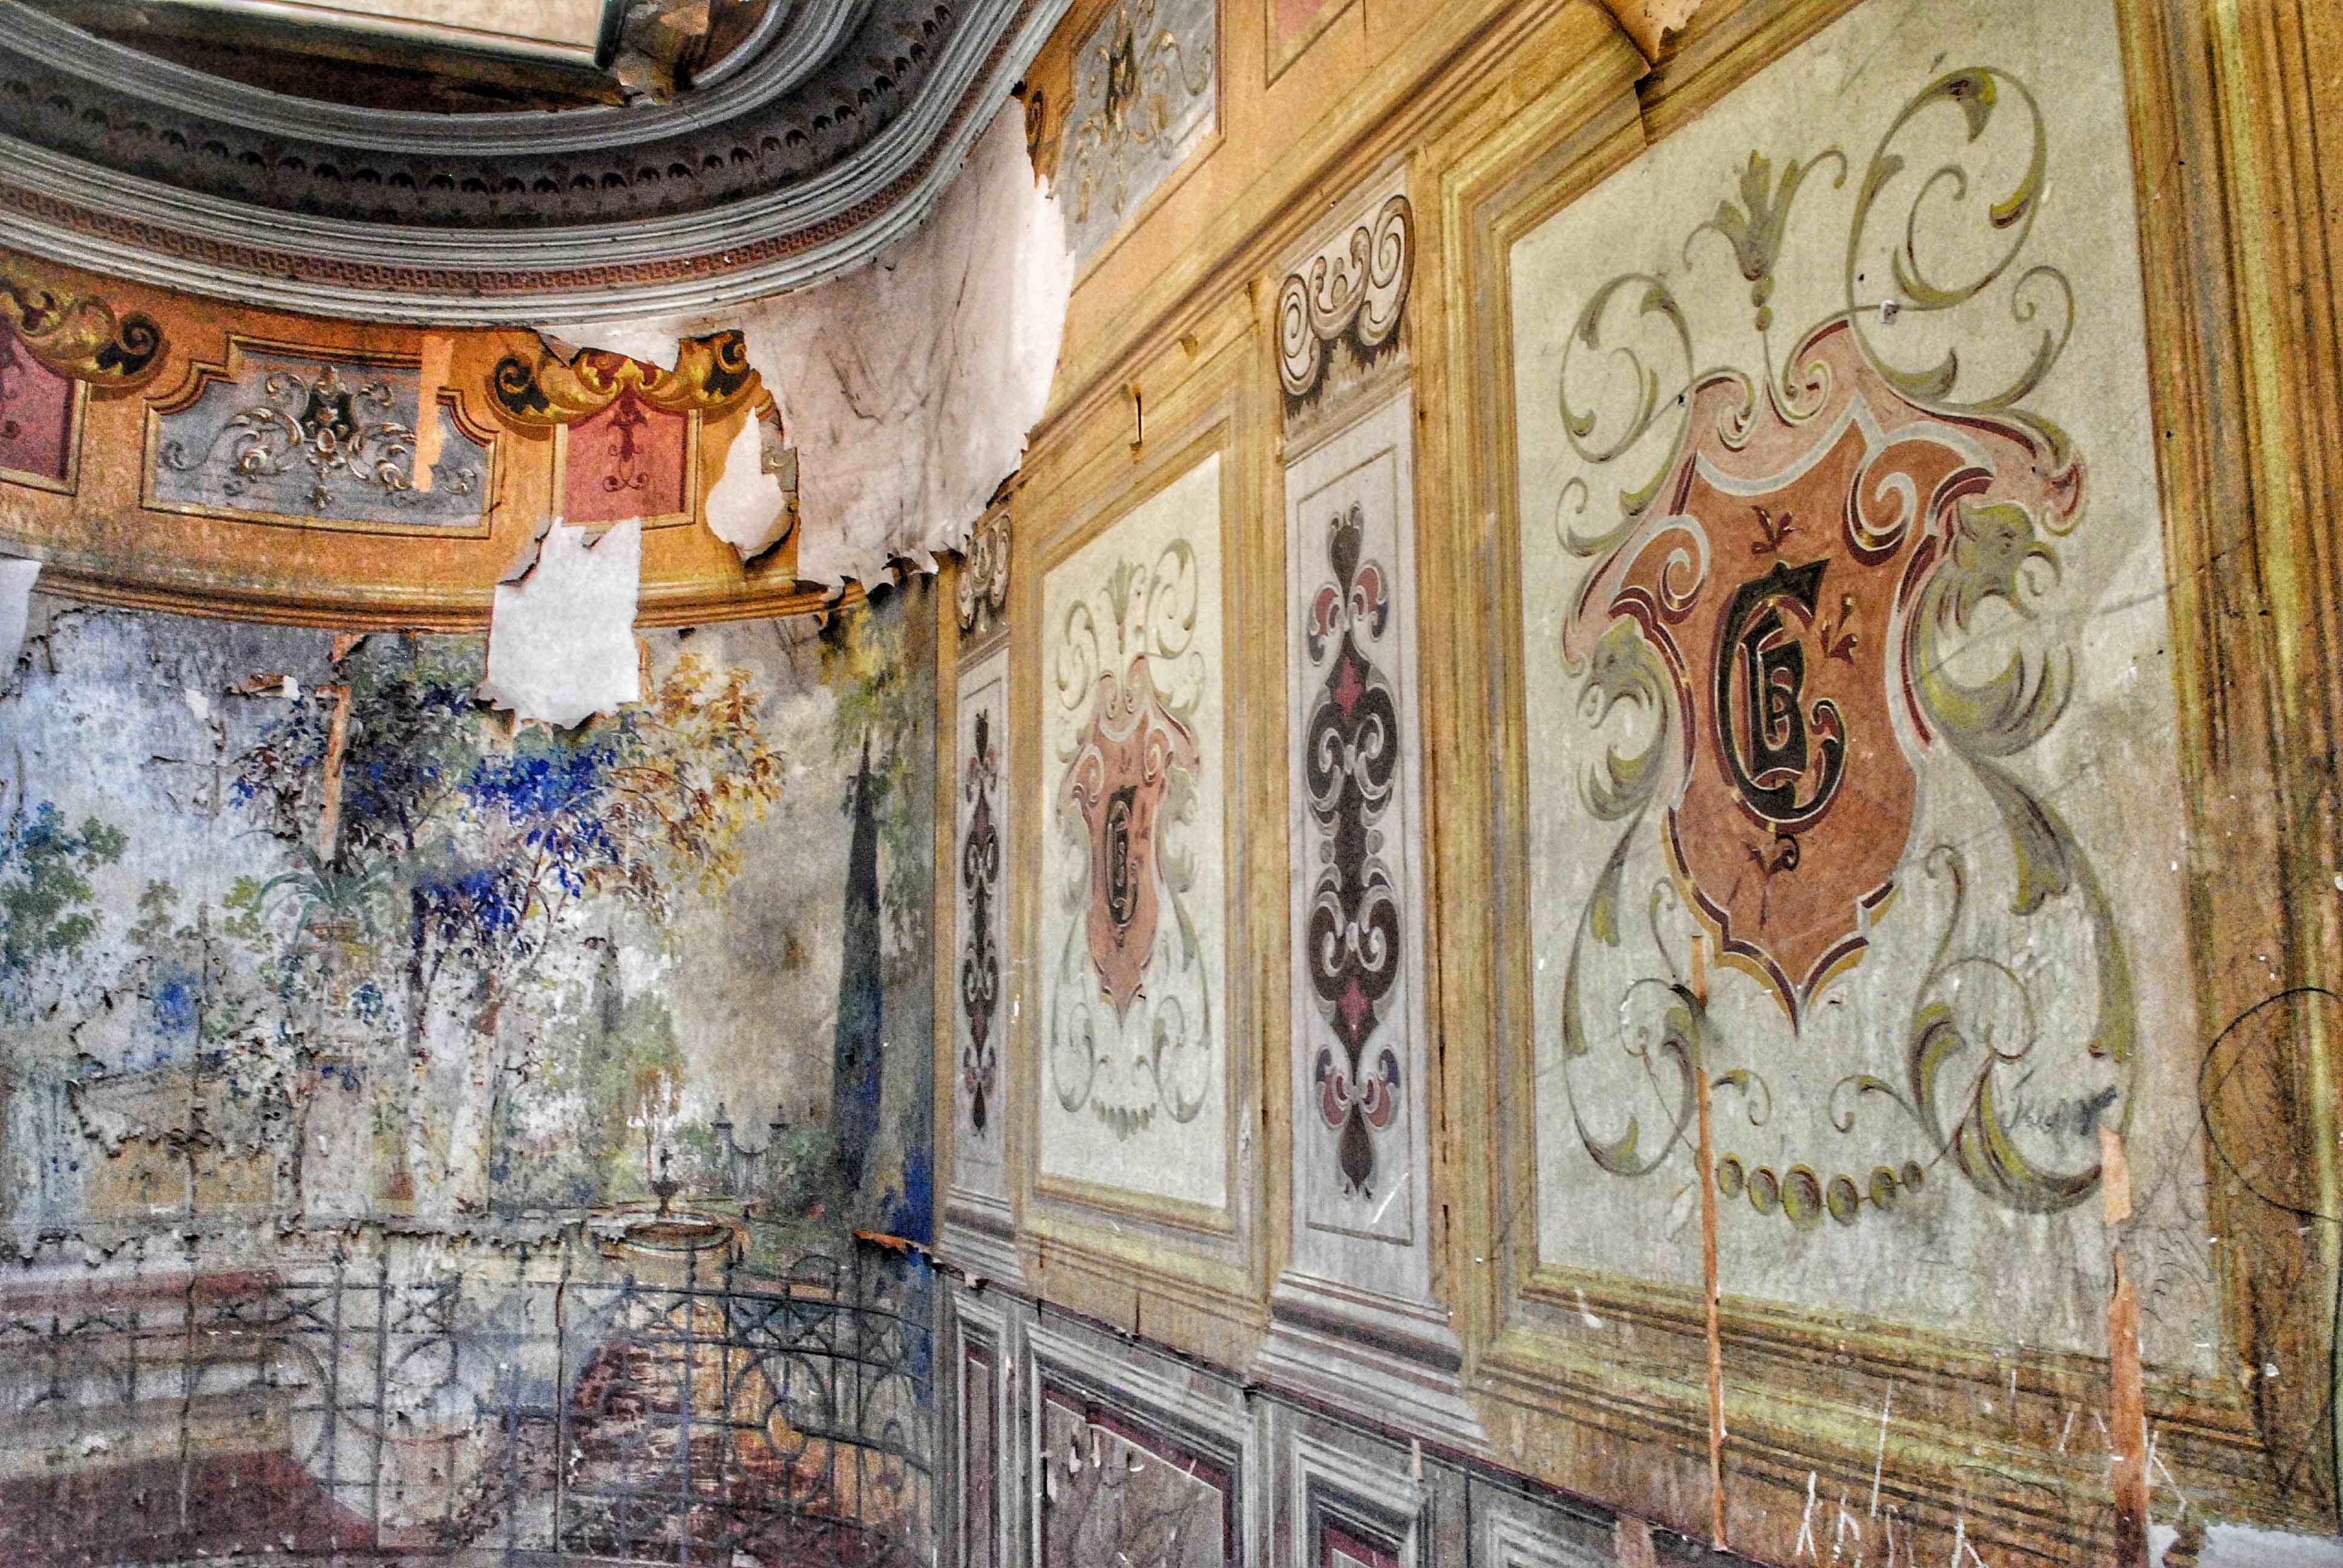 Point 42 1024x685 - 6 Hidden Gems of Tbilisi, Georgia